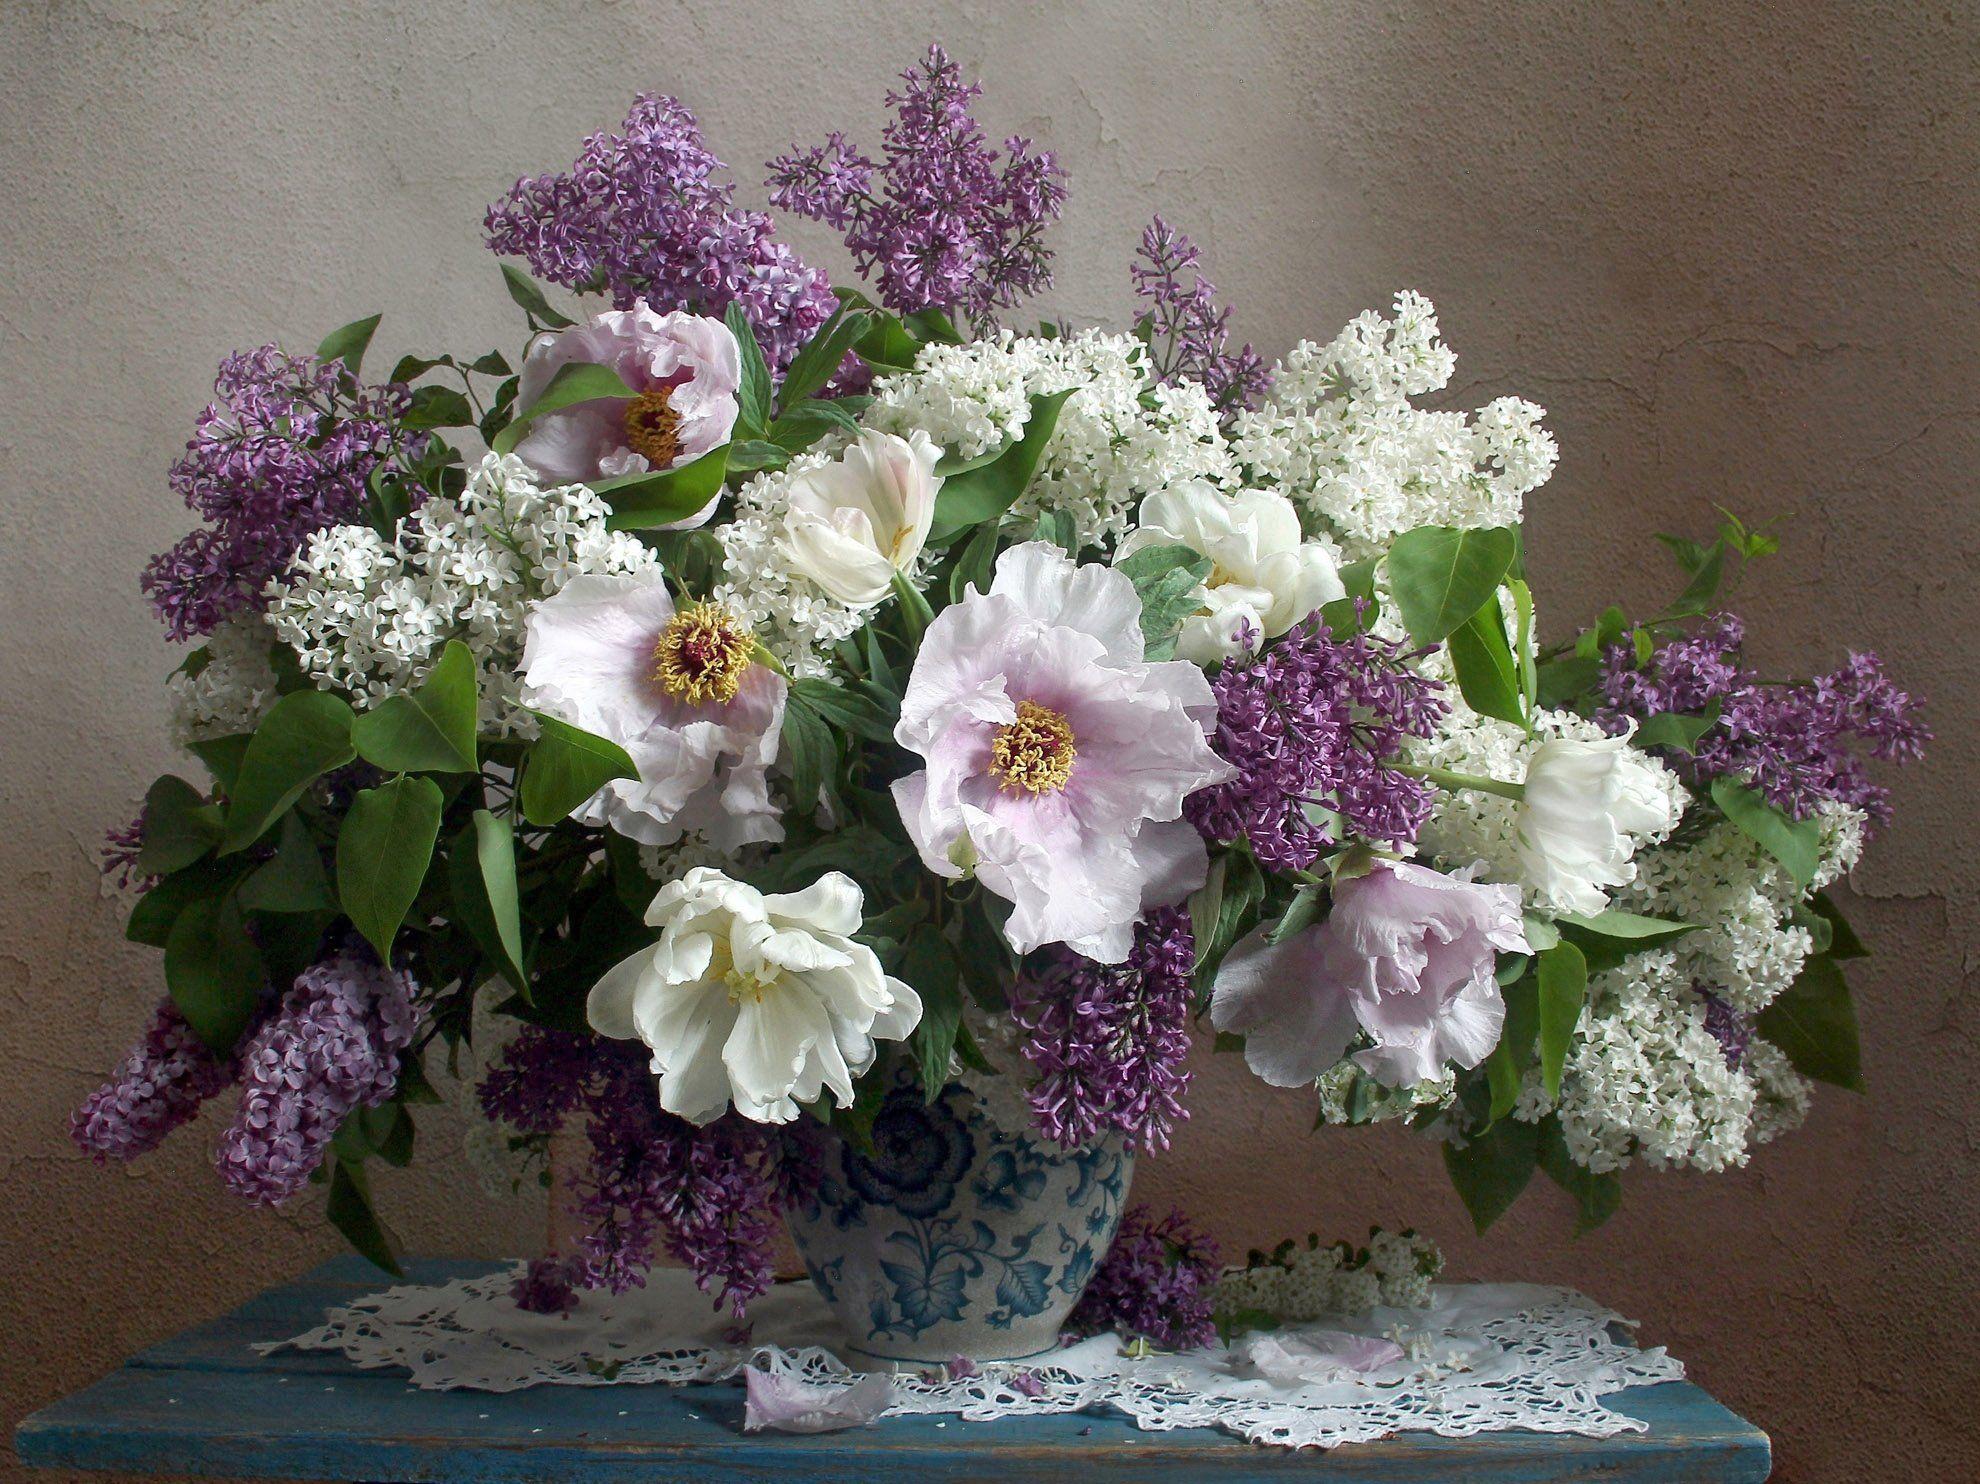 весна, натюрморт, букет цветов, сирень, пионы, марина филатова, Филатова Марина